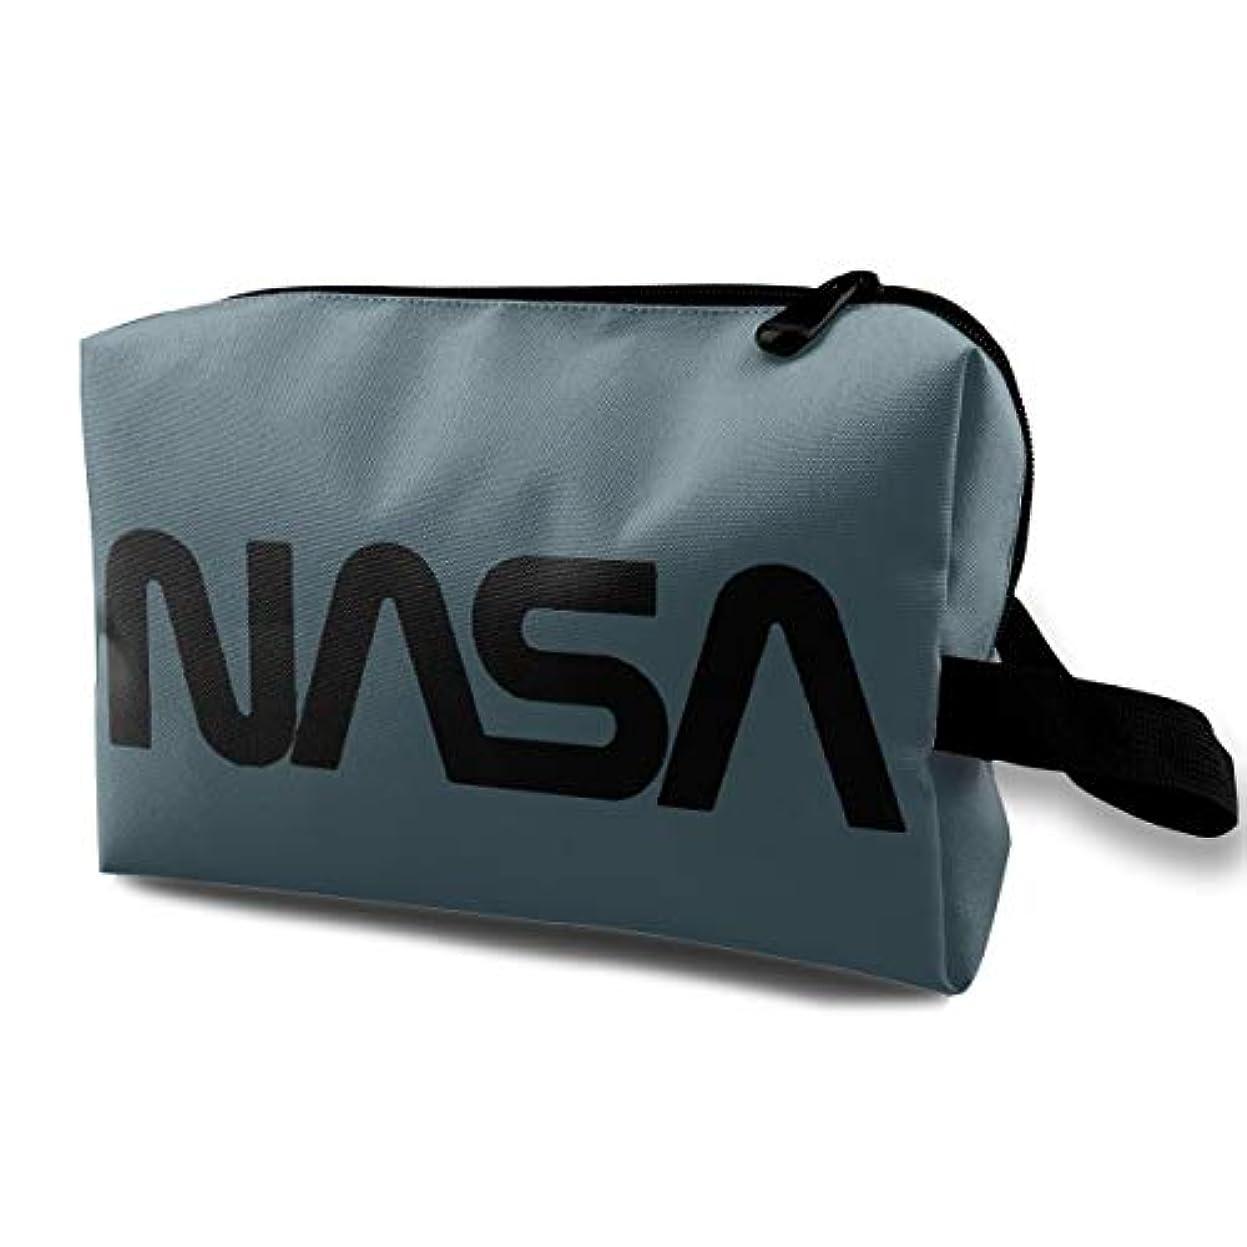 ベッドを作る放射性レースDSB 化粧ポーチ コンパクト メイクポーチ 化粧バッグ NASA 航空 宇宙 化粧品 収納バッグ コスメポーチ メイクブラシバッグ 旅行用 大容量